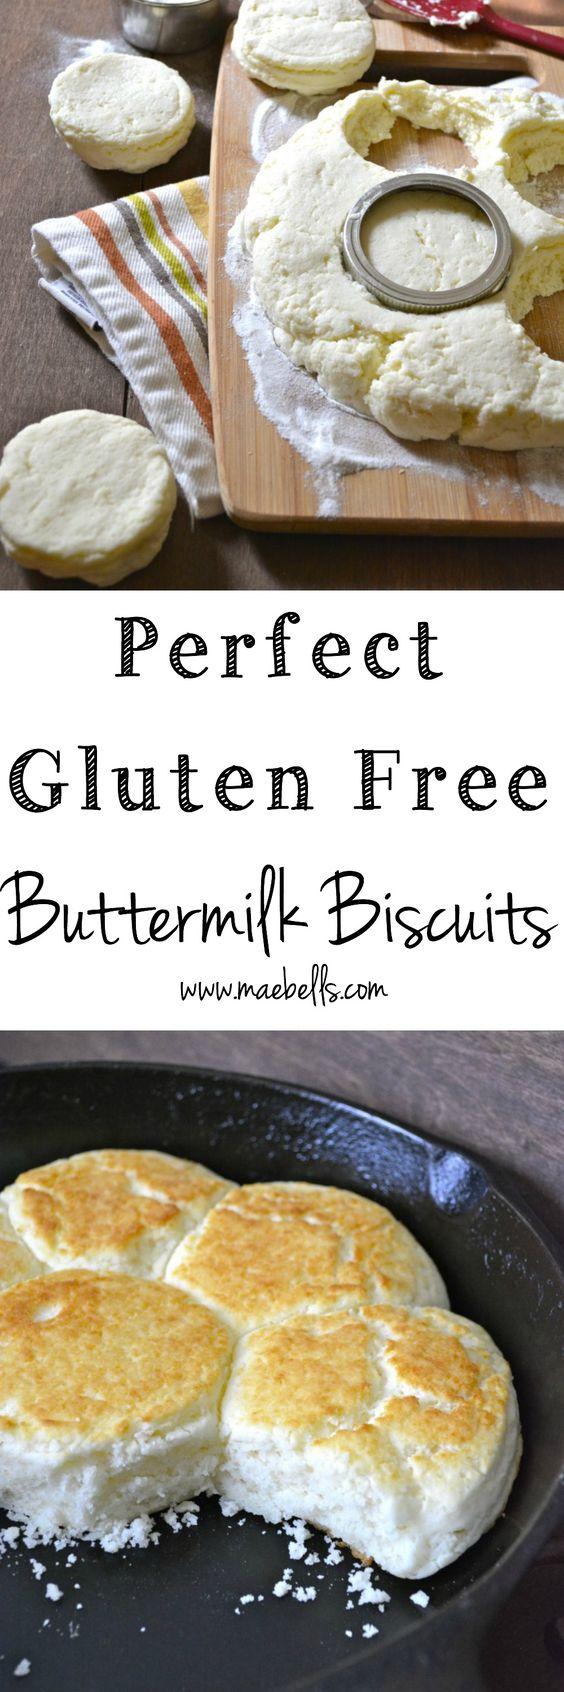 Perfect Gluten Free Buttermilk Biscuits, a no fail recipe! www ...